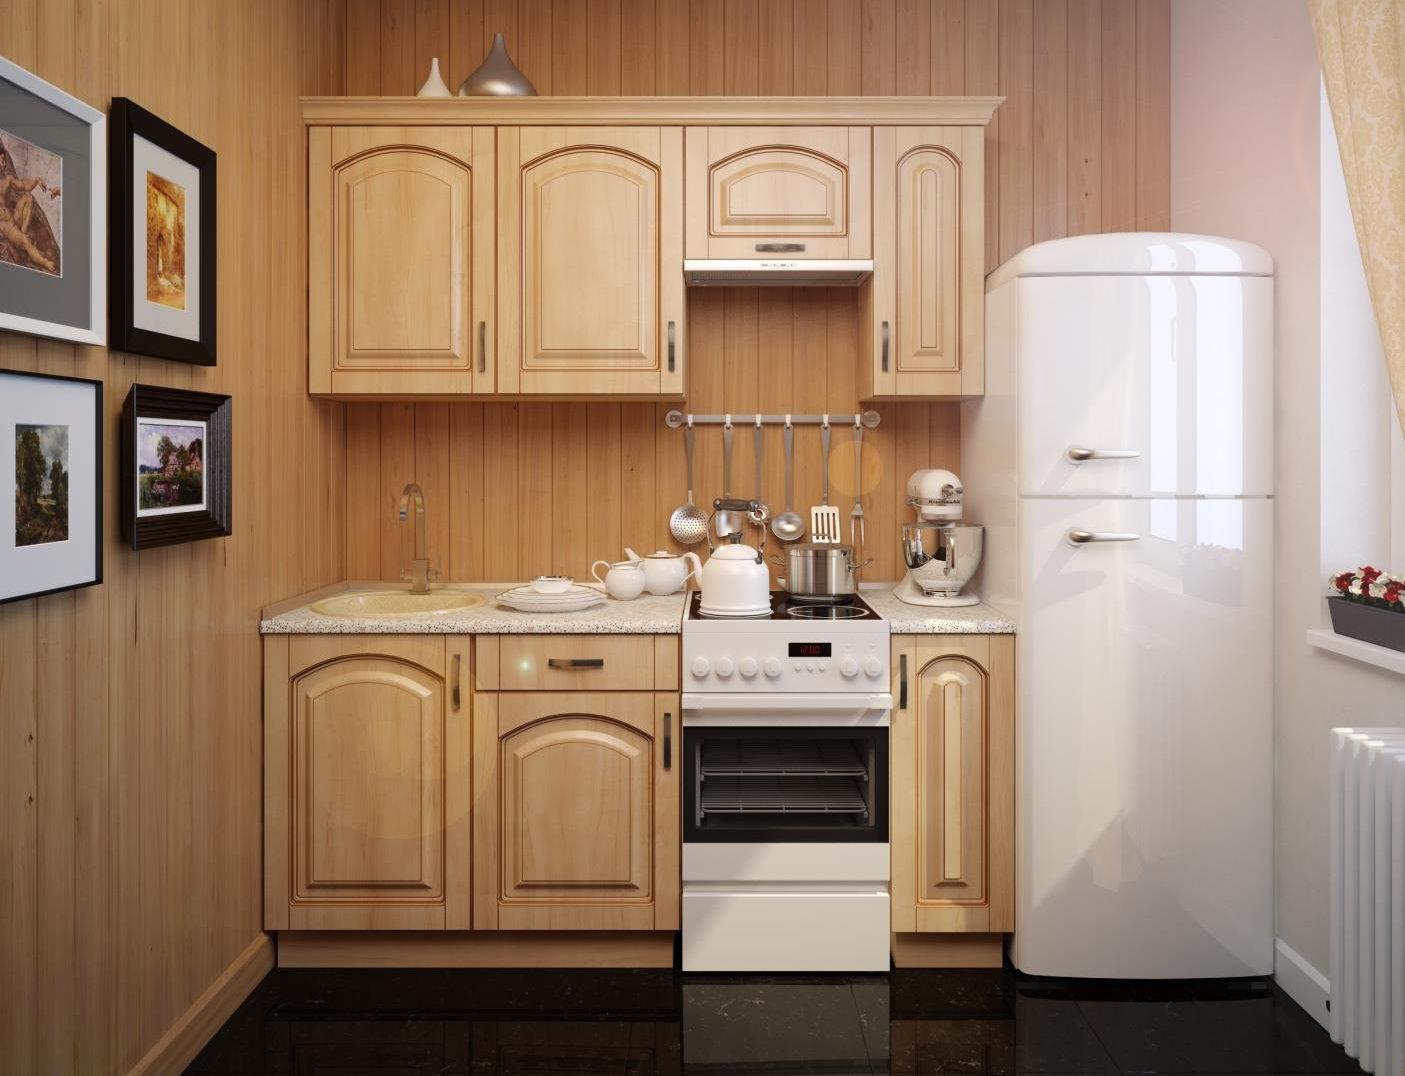 Кухонные гарнитуры дизайн для маленькой кухни